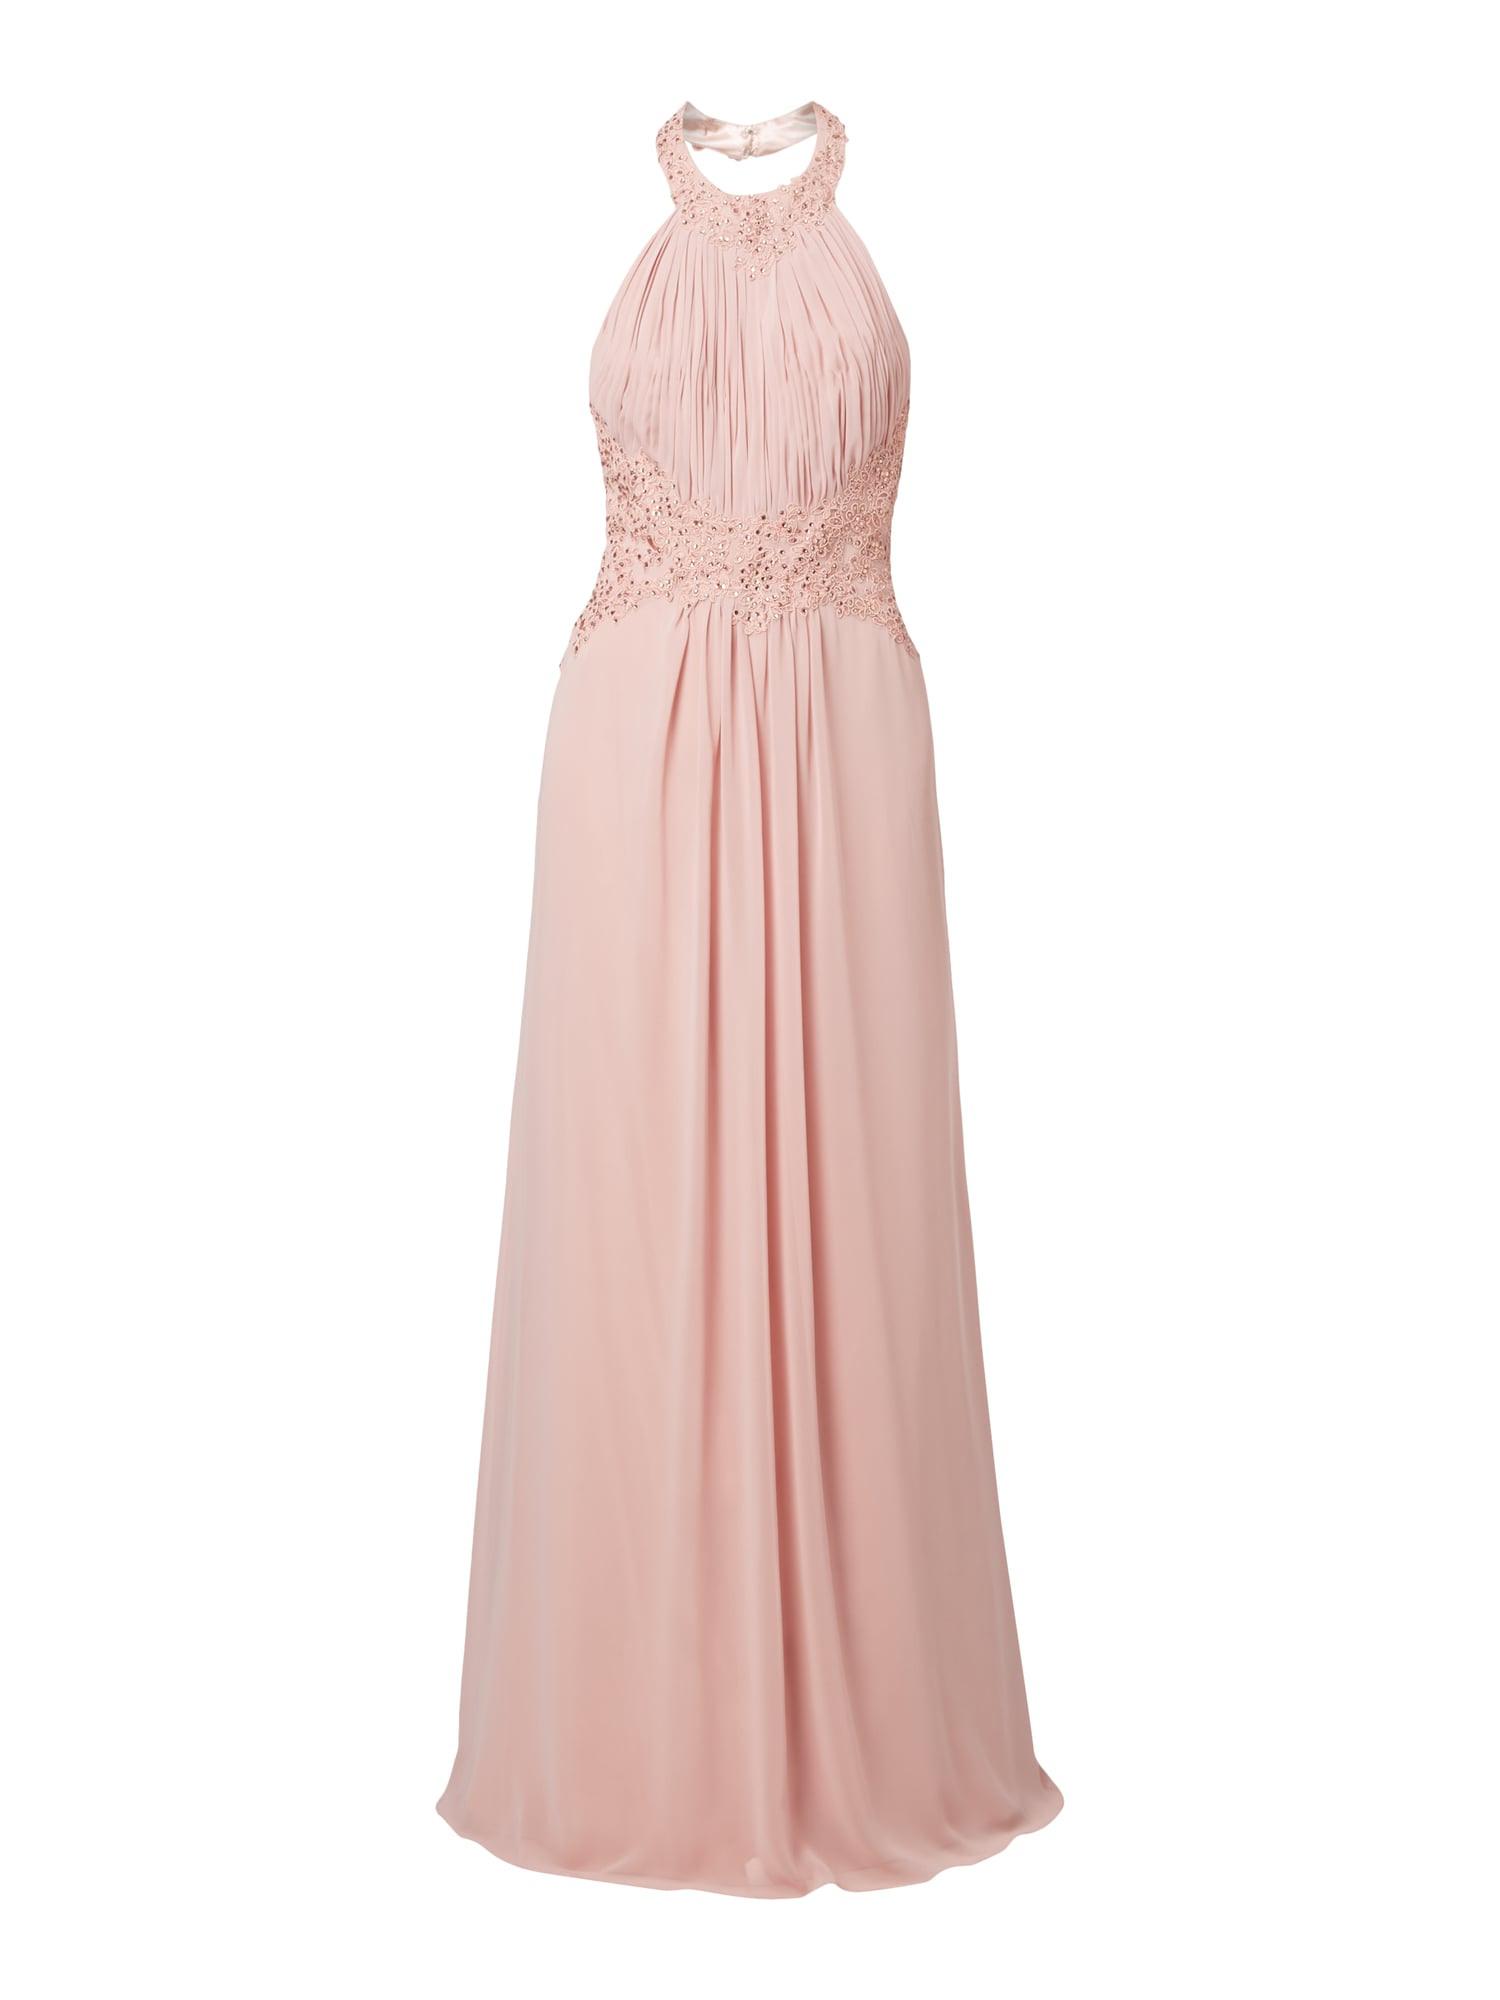 20 Genial Abend Kleid Rose Boutique15 Erstaunlich Abend Kleid Rose Boutique